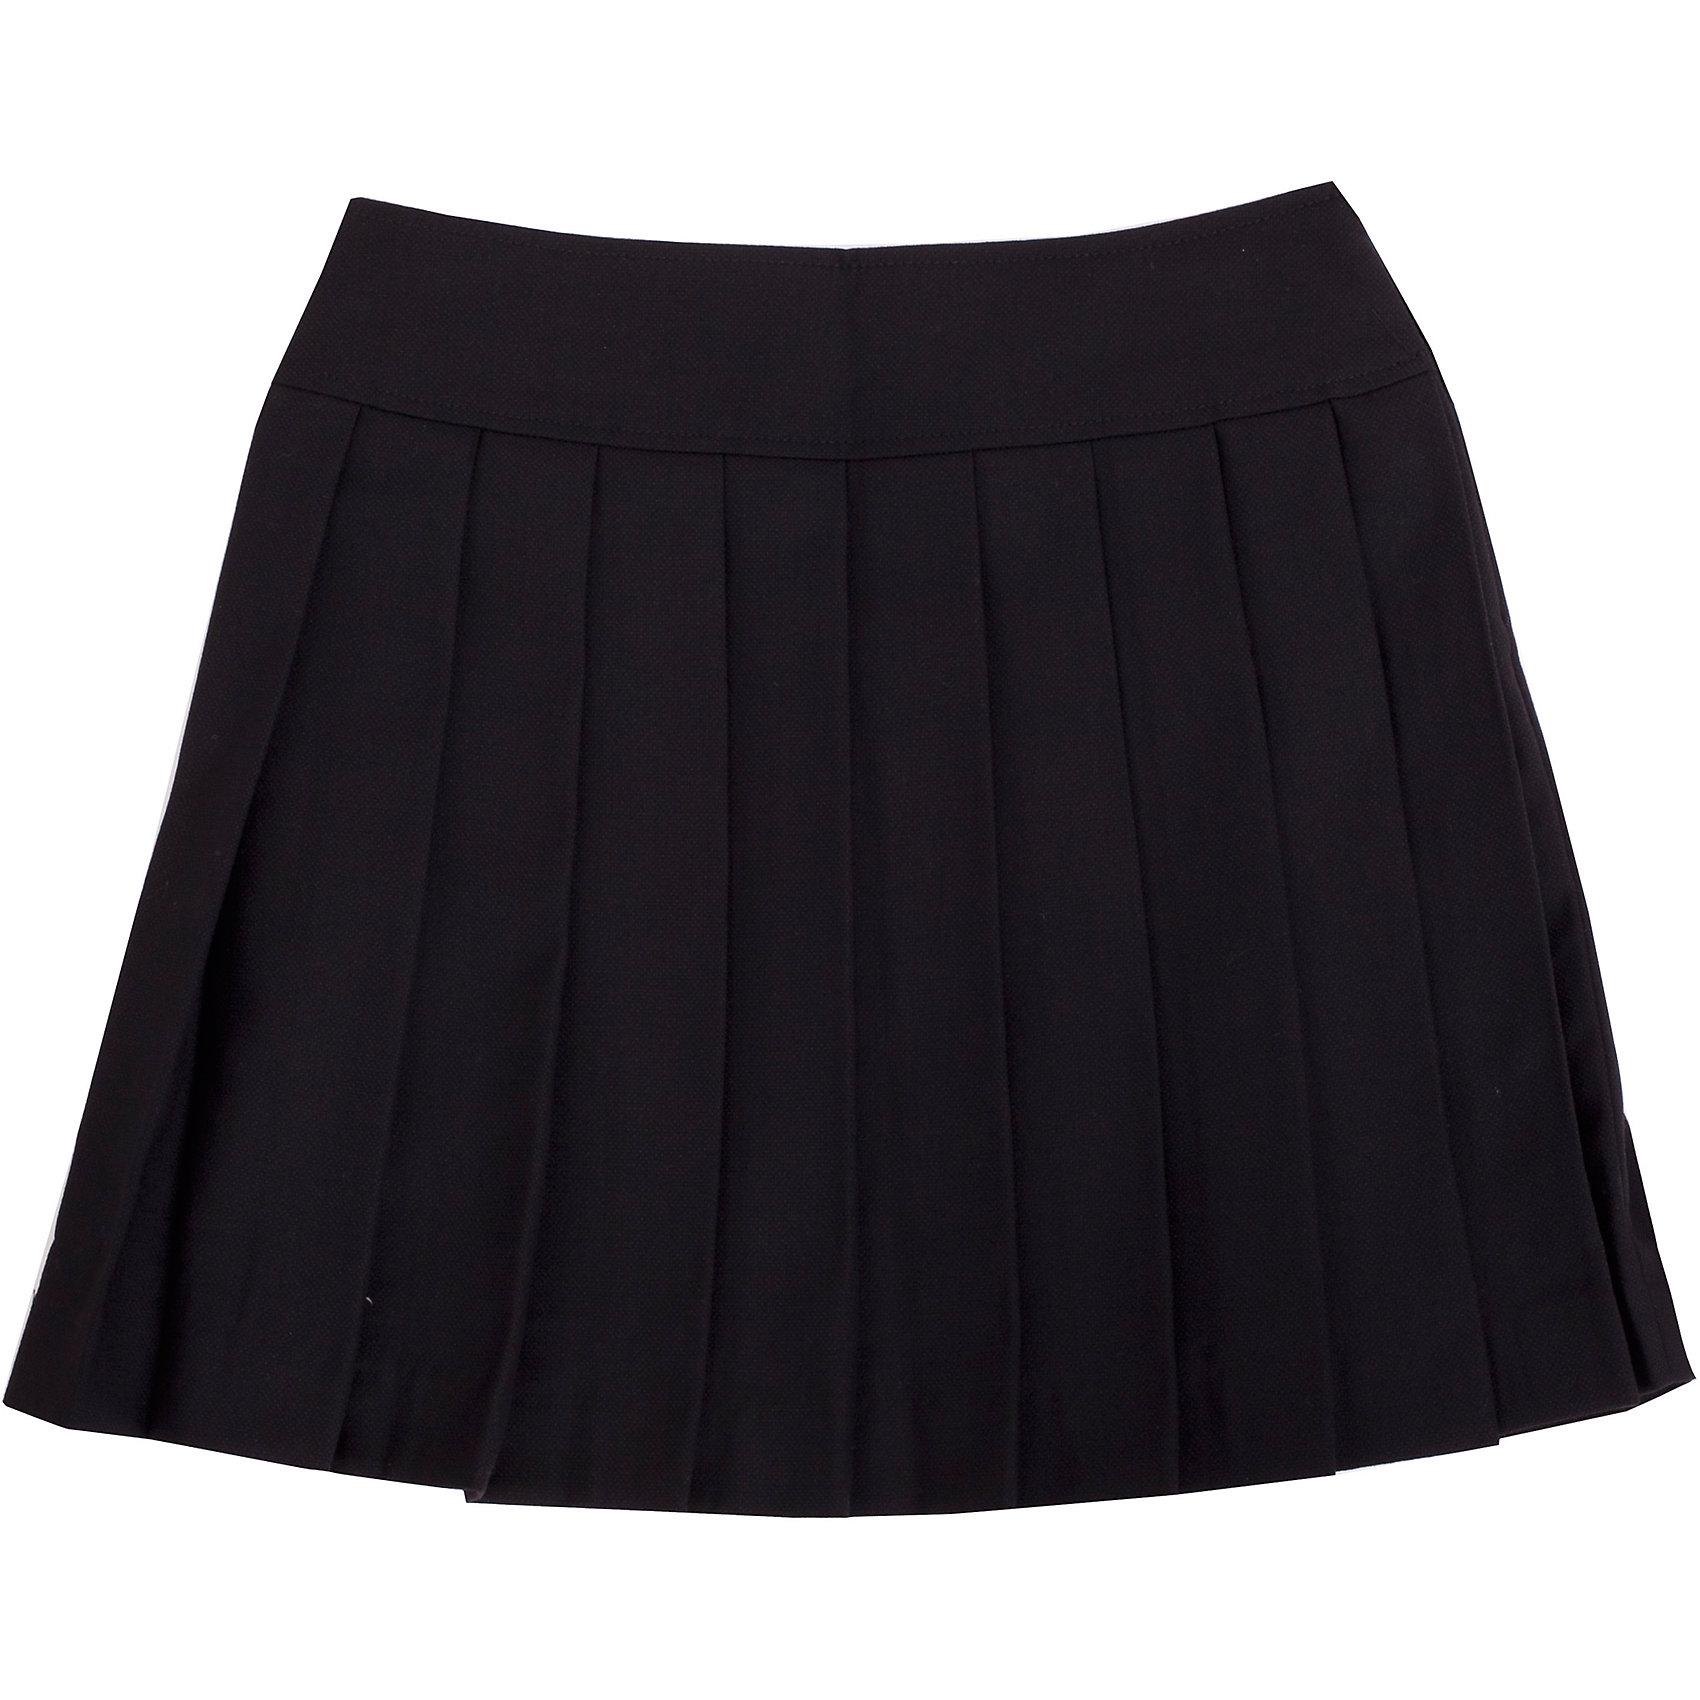 Юбка для девочки GulliverЮбка для девочки от известного бренда Gulliver<br>Школьная юбка в складку - классика жанра! Она всегда смотрится очень красиво и достойно. В сочетании с любым верхом школьная юбка в складку составит интересный элегантный комплект. Отличный состав и качество ткани гарантирует высокую износостойкость изделия.<br>Состав:<br>тк. верха: 65% полиэстер, 23% вискоза, 10% шерсть, 2% эластан подкл.: 100% полиэстер<br><br>Ширина мм: 207<br>Глубина мм: 10<br>Высота мм: 189<br>Вес г: 183<br>Цвет: черный<br>Возраст от месяцев: 108<br>Возраст до месяцев: 120<br>Пол: Женский<br>Возраст: Детский<br>Размер: 140,158,122,152,134,146,128<br>SKU: 4767820